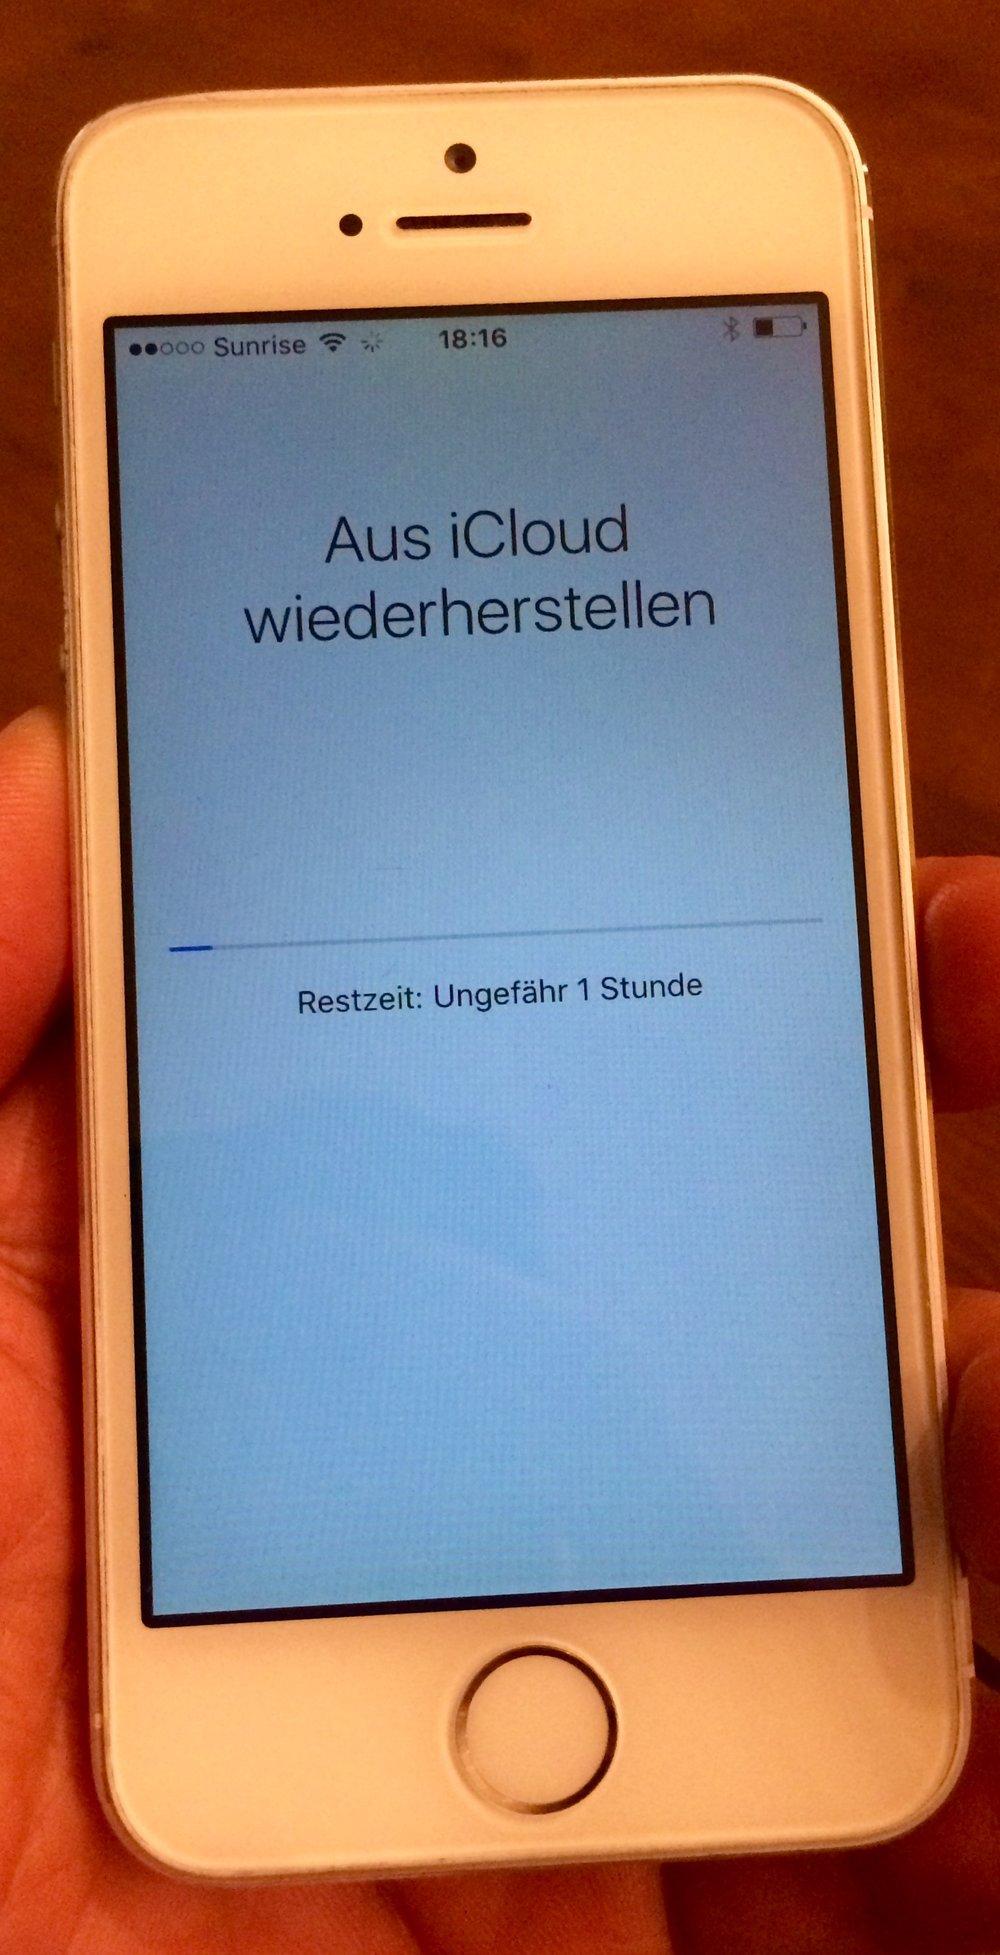 iPhone Daten-Wiederherstellung